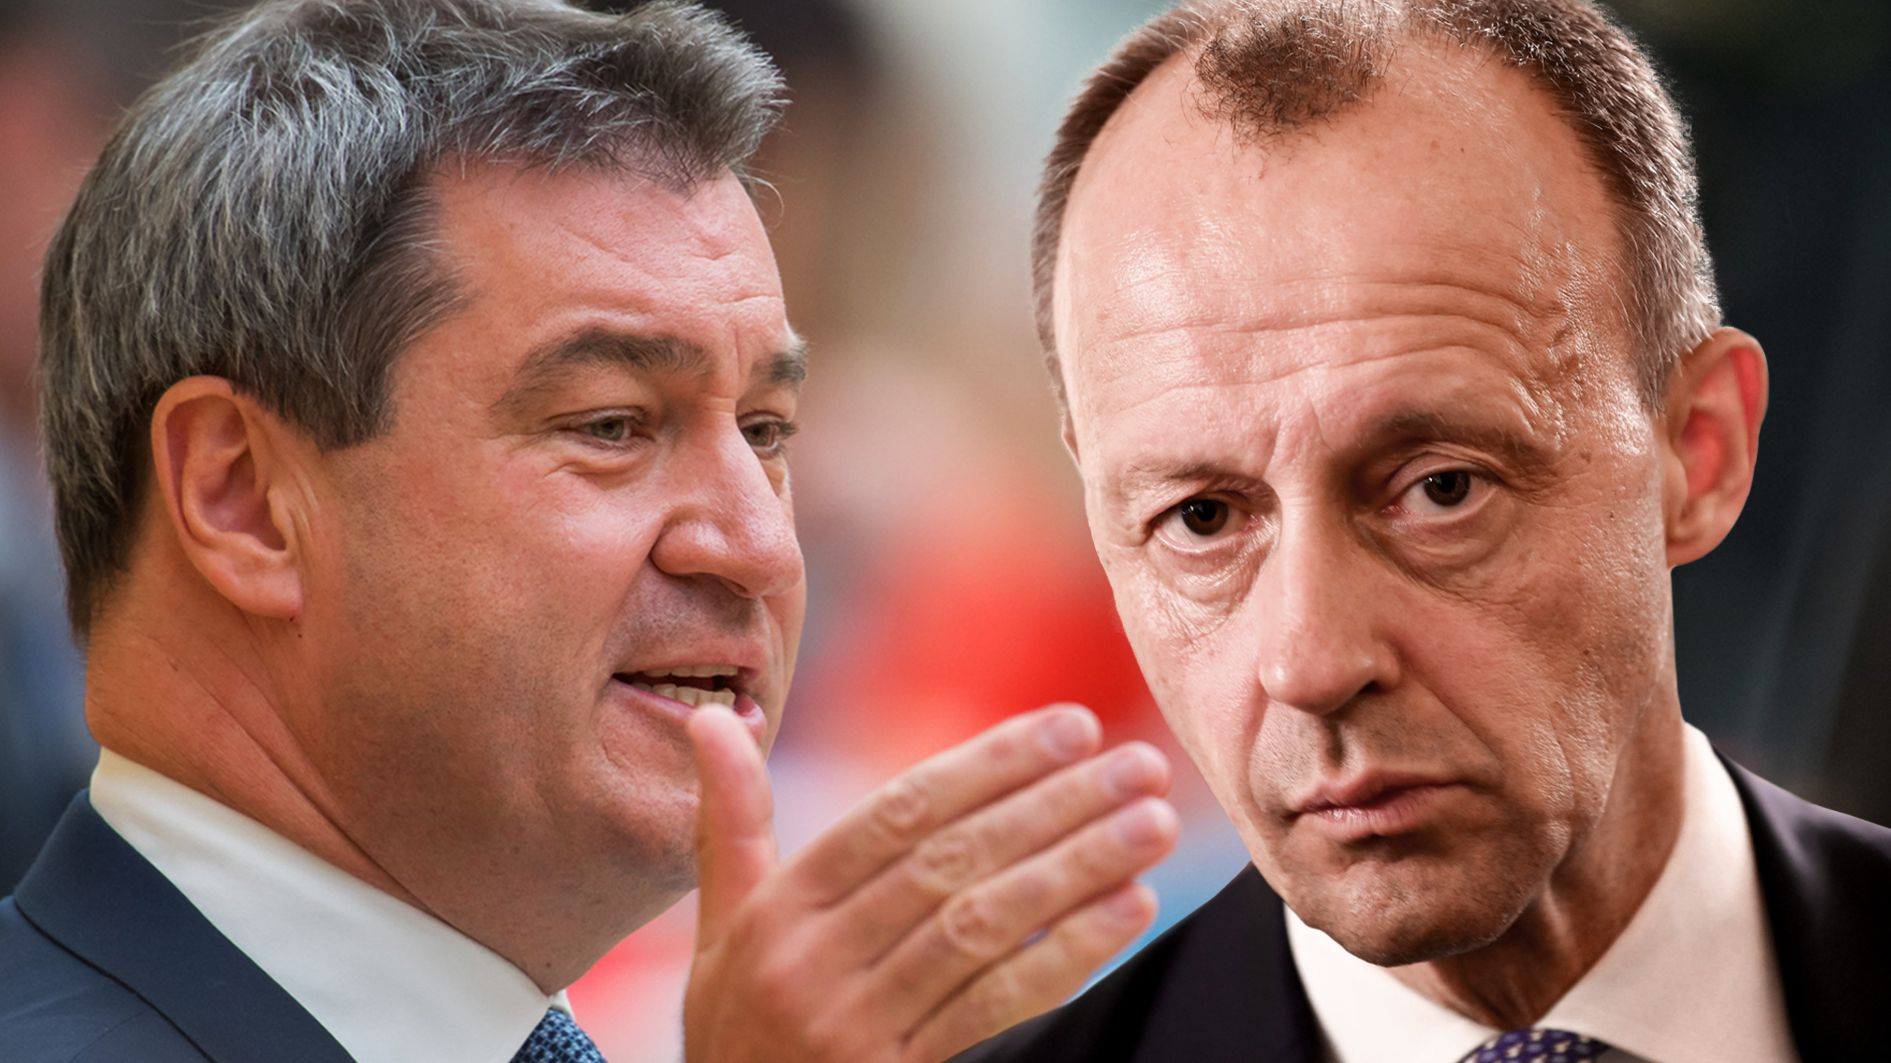 Unions-Politiker Söder und Merz